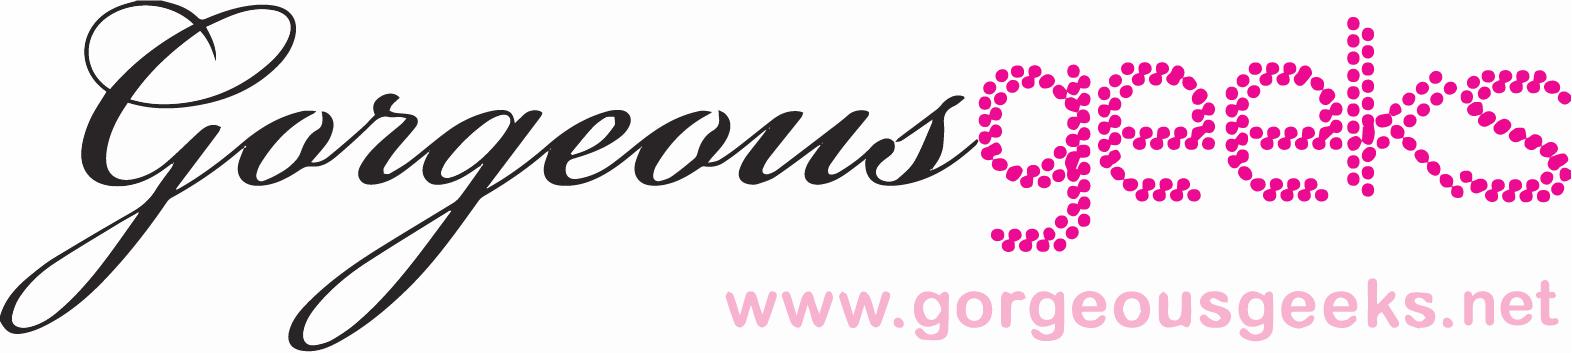 Gorgeous Geeks logo